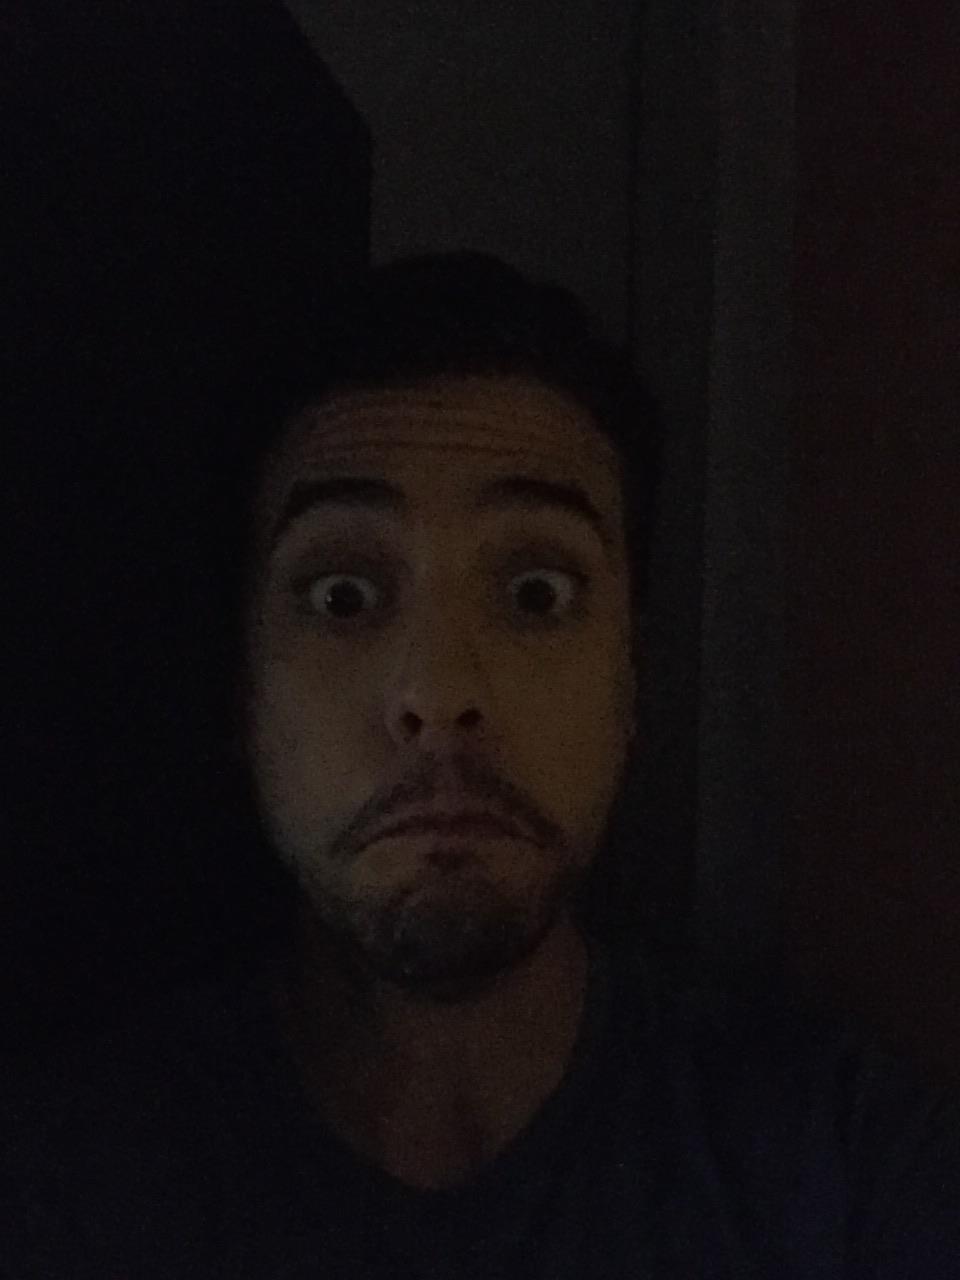 mala-selfie-noche-foto-noche-huawei-nova-3-cel-para-fiesta